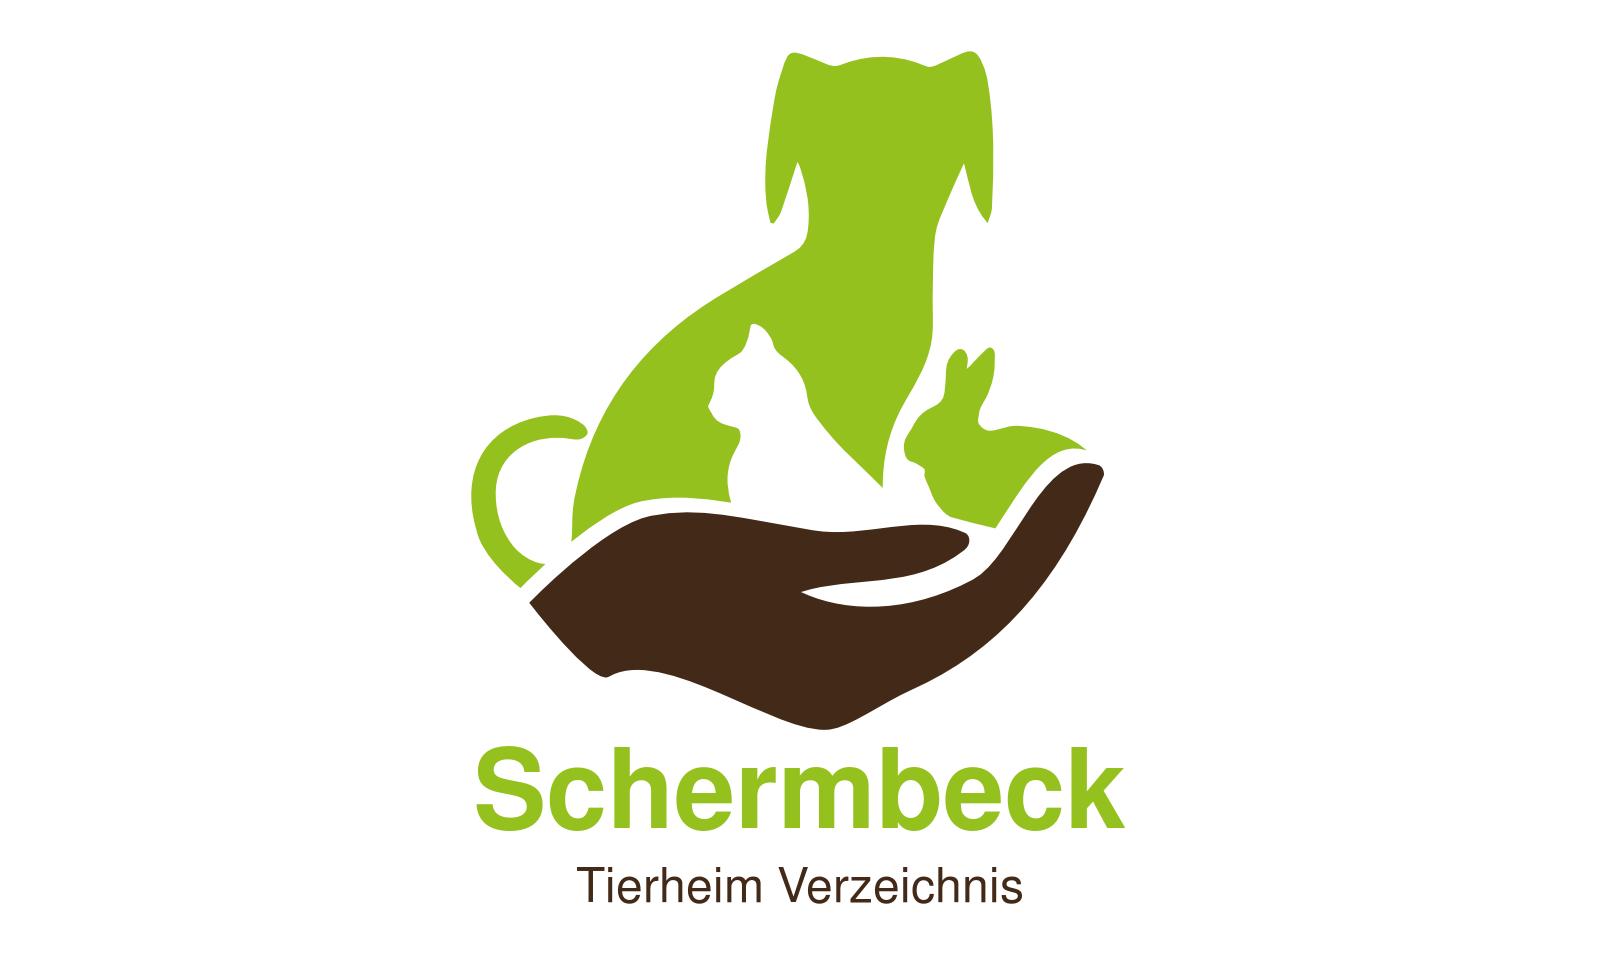 Tierheim Schermbeck